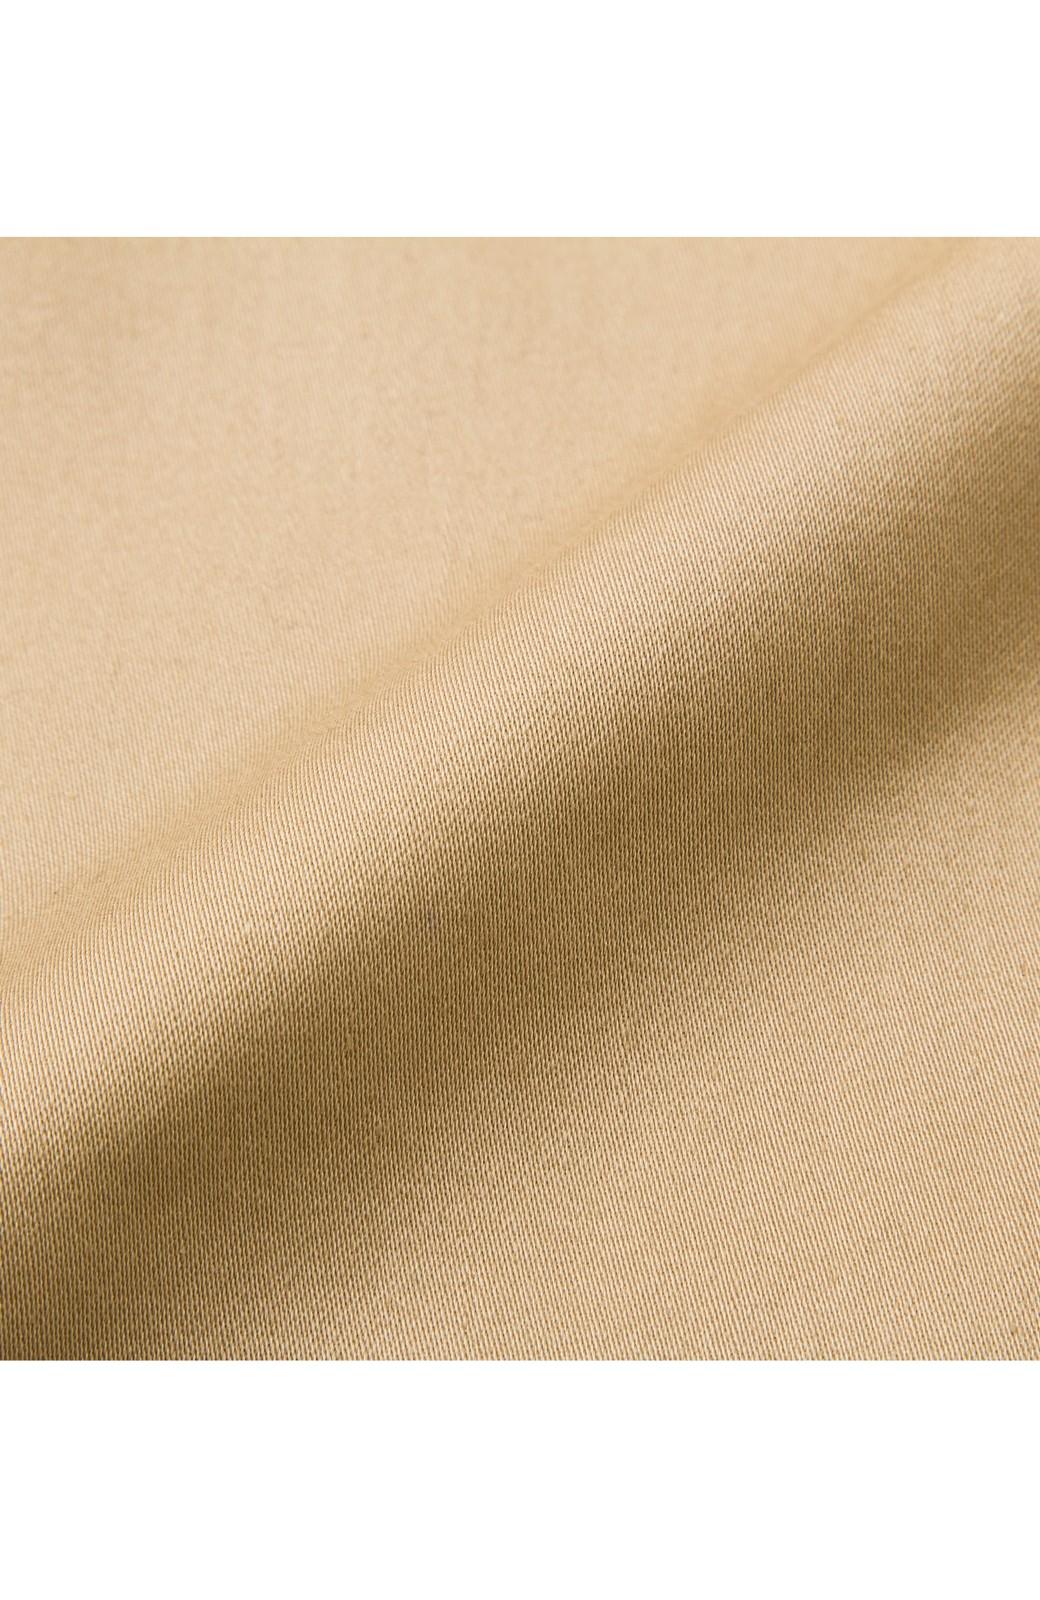 ロジーズ こっそりチェックがかわいいテーラードロングコート <ベージュ>の商品写真5